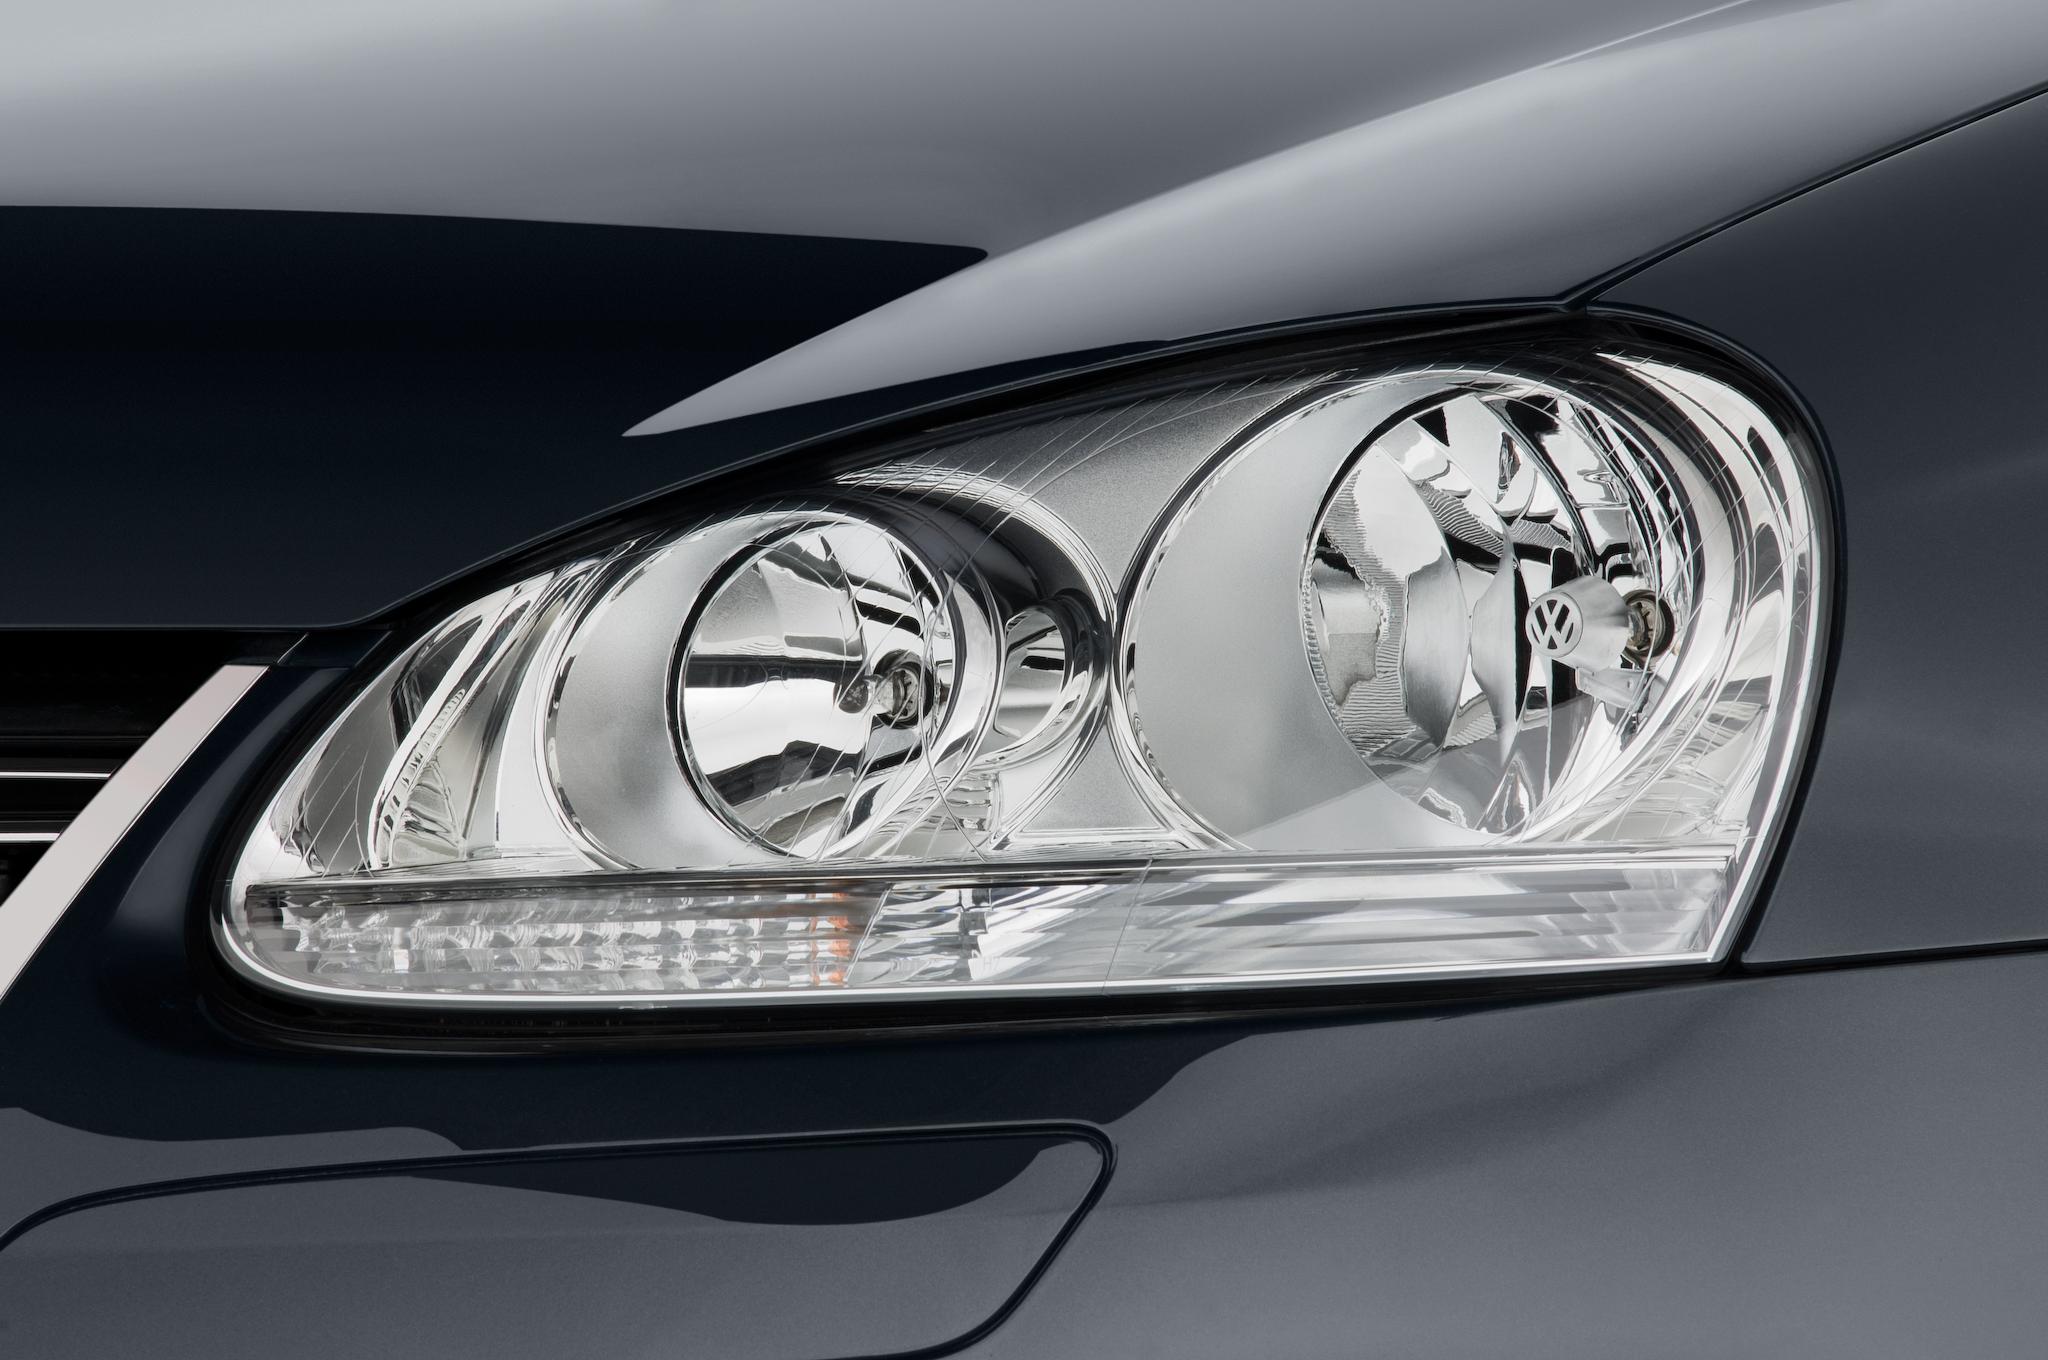 2010 Volkswagen Jetta Tdi Cup Edition Automobile Magazine Cover Headlamp Satria Fu Gen3 37 100